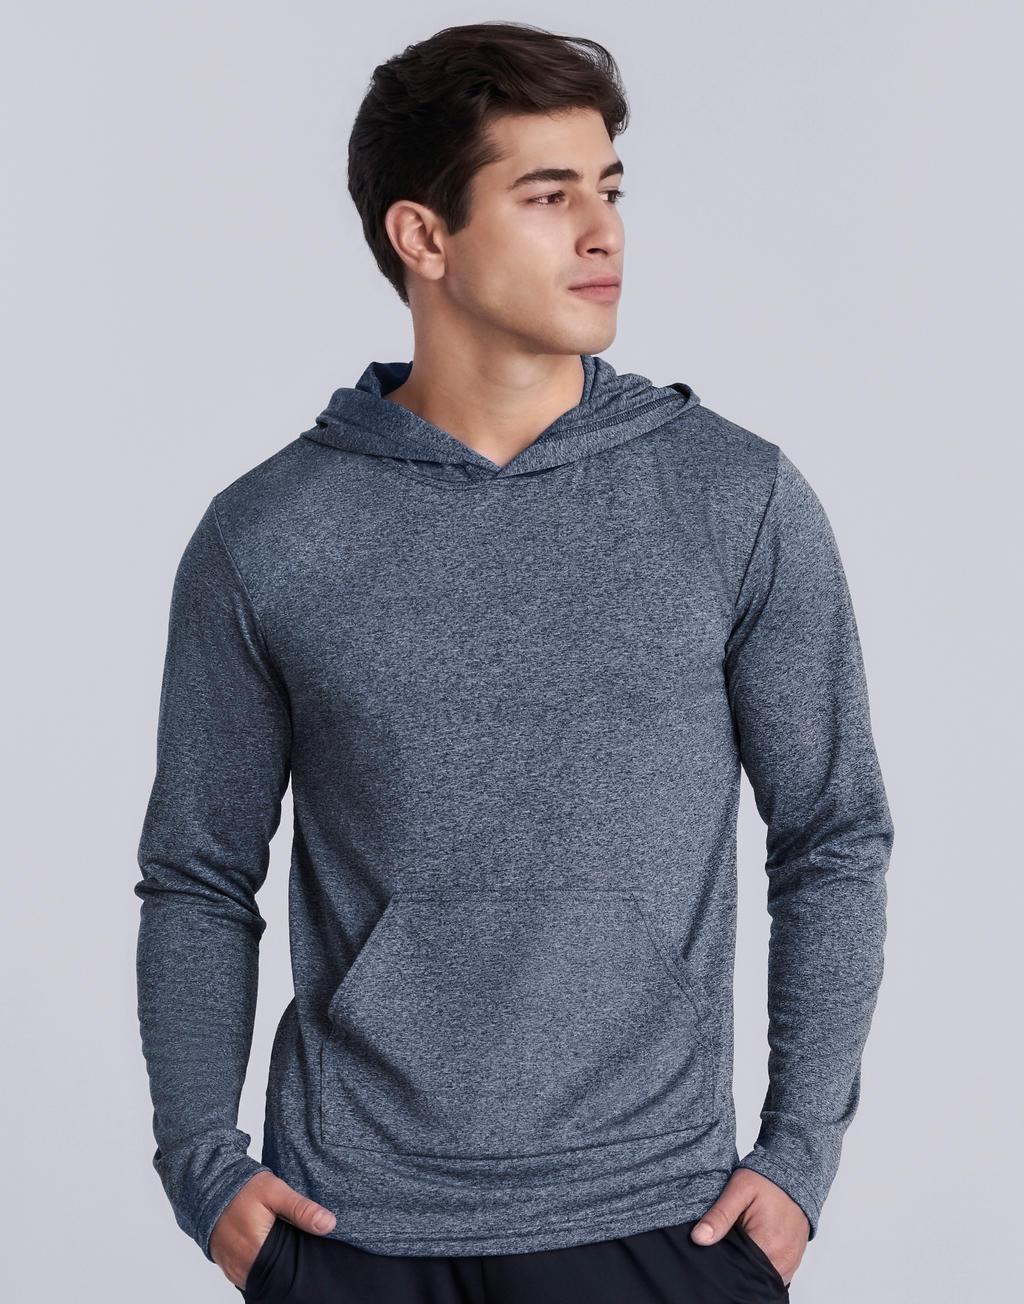 Performance® Adult Hooded T-Shirt - zvìtšit obrázek